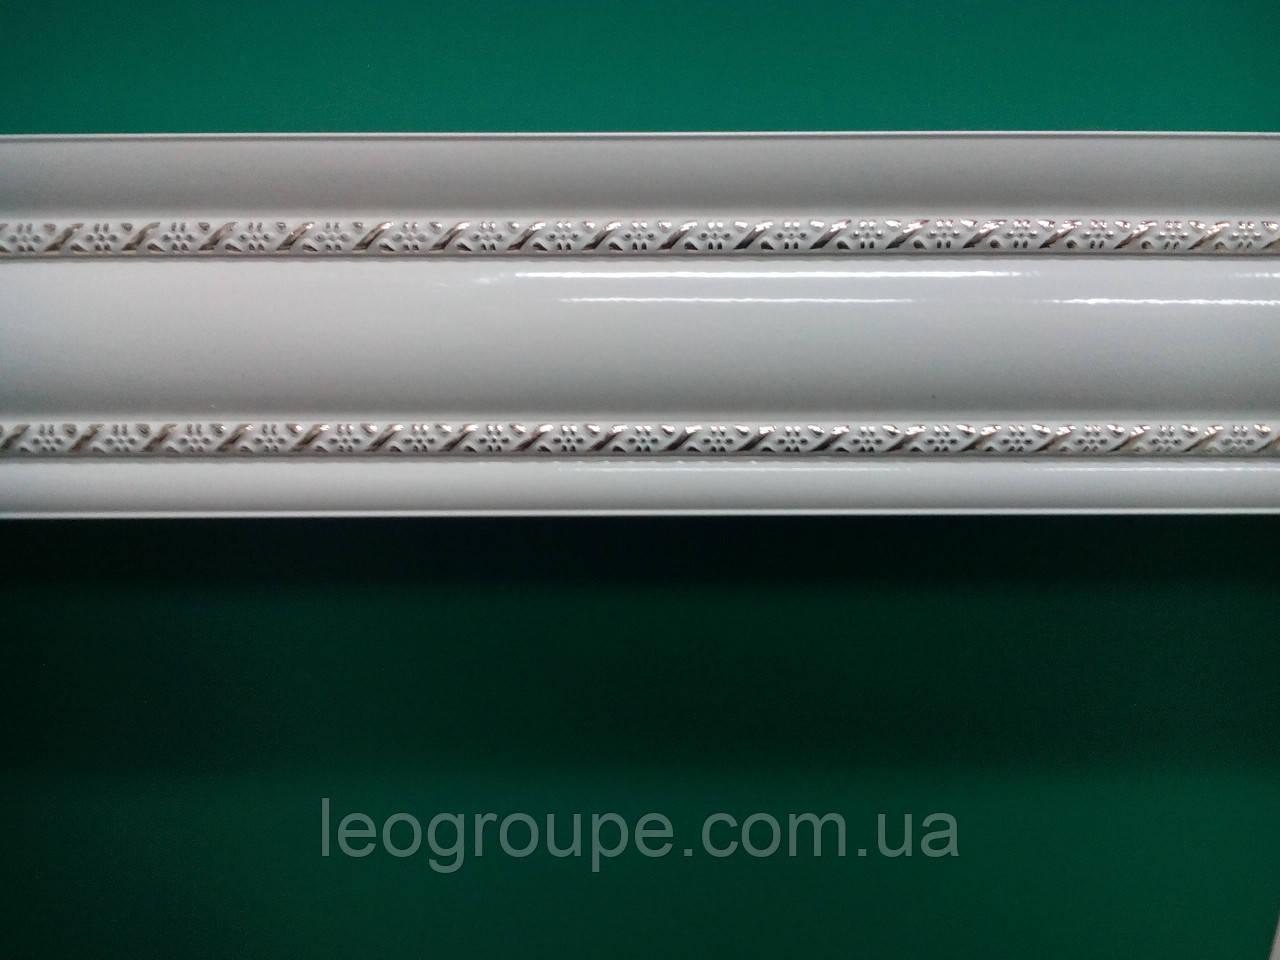 Карниз алюминий белый декор 2-3,5м